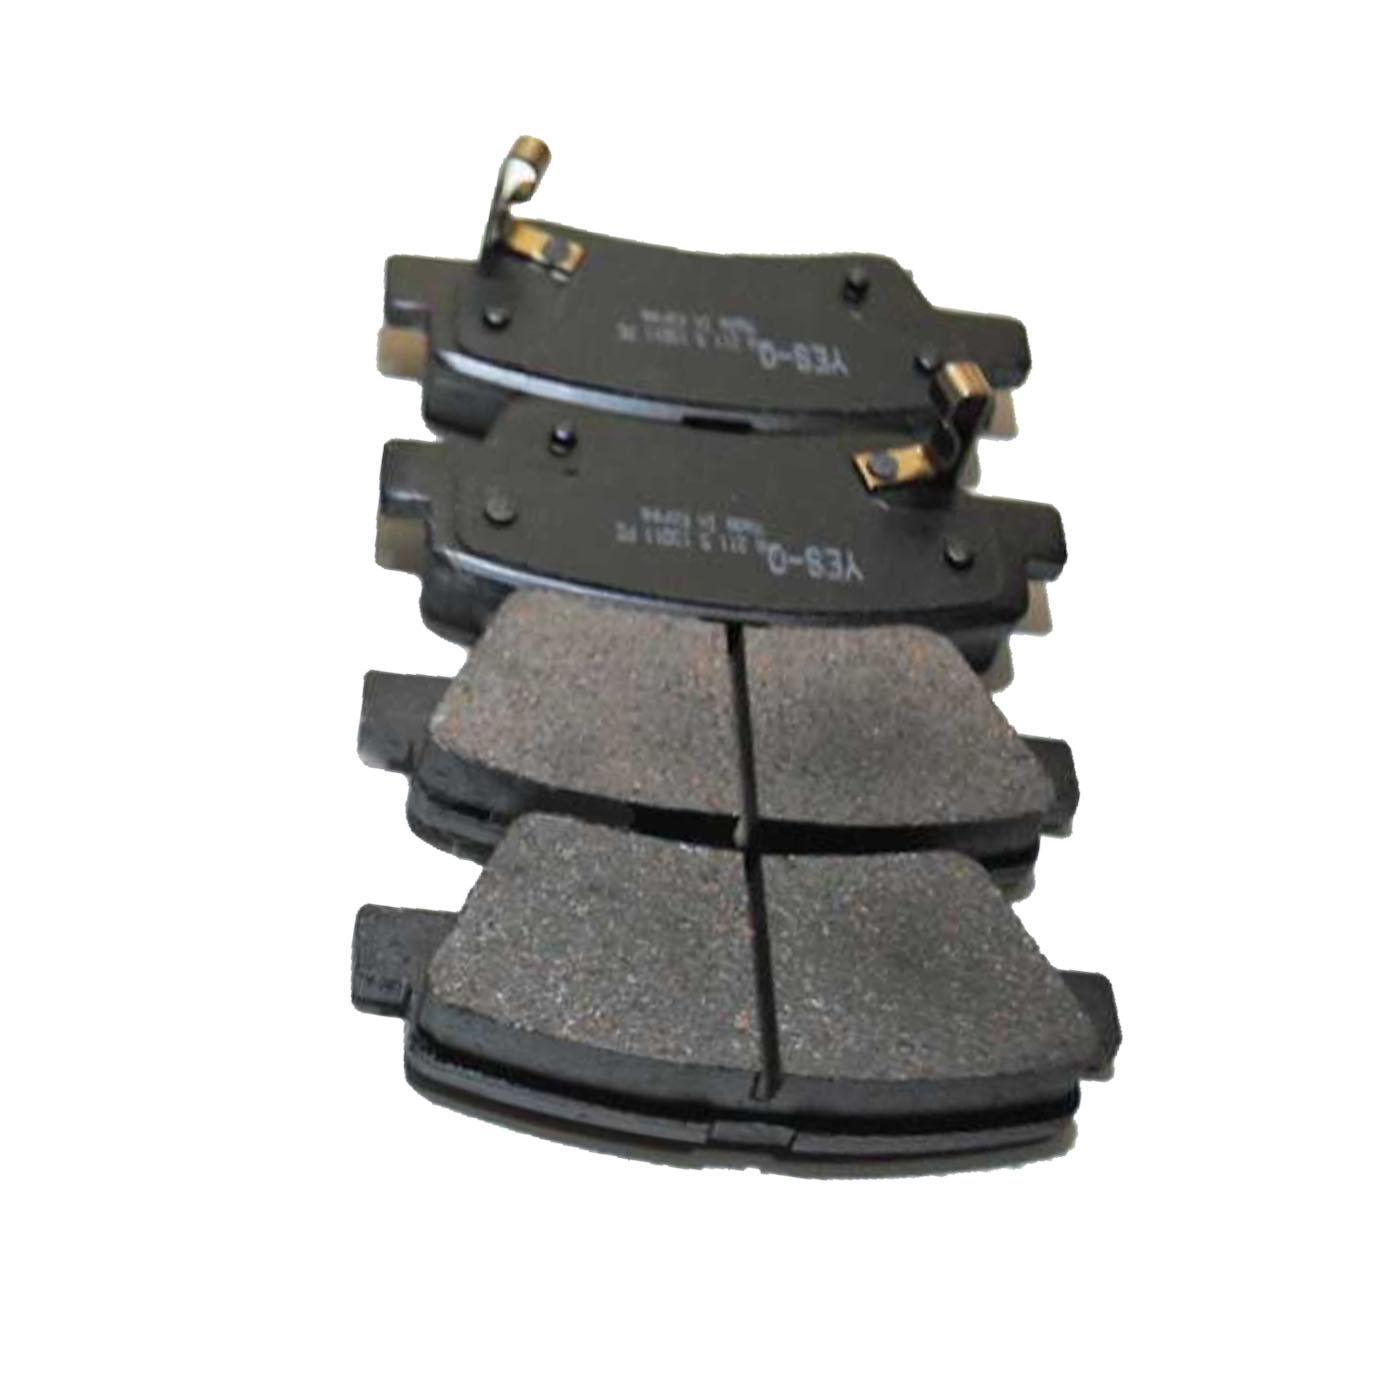 لنت ترمز جلو یس کیو مدل ASM010370102 مناسب برای رانا